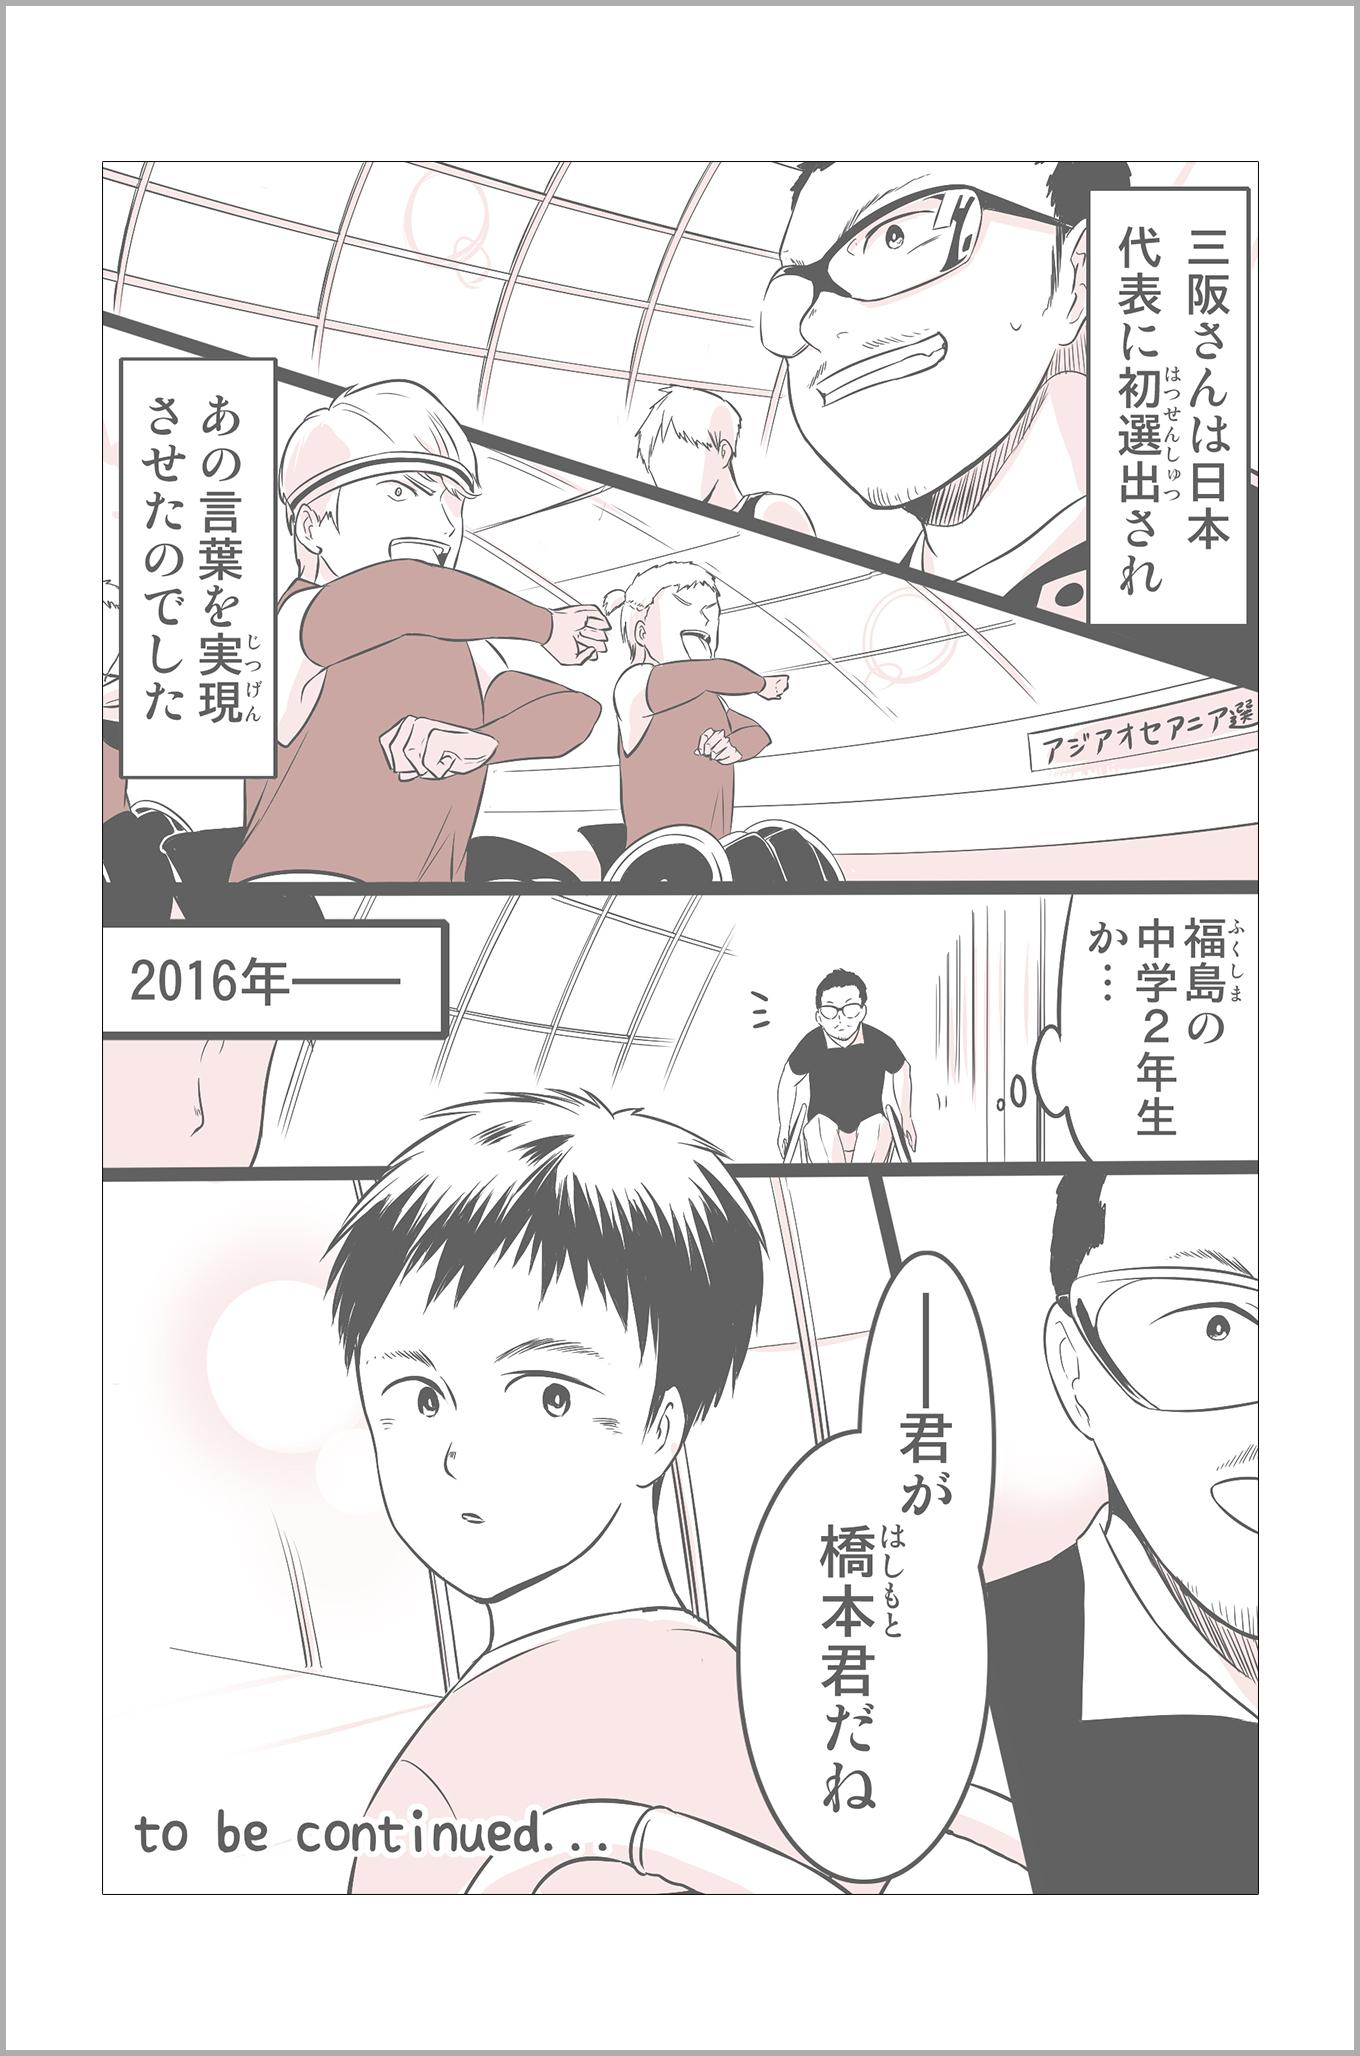 三阪さんは日本代表に初選出されあの言葉を実現させたのでした。2016年ー。「福島の中学2年生か…君がは橋本君だね。」to be continued...